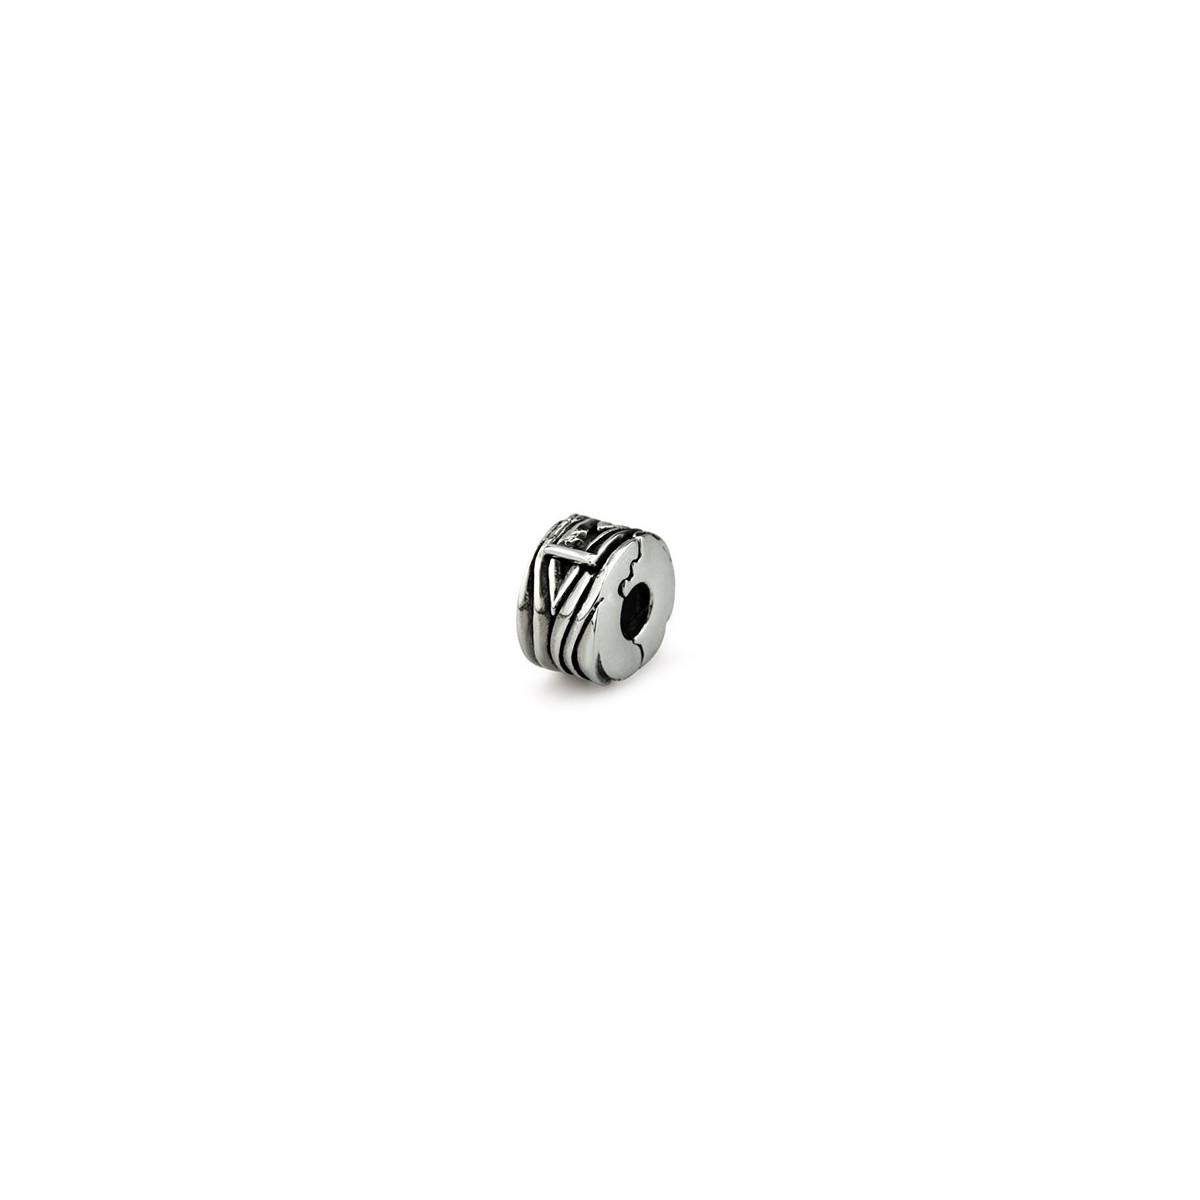 ohm beads/ Wood-ness/whls010/stop/stopper/trollbeads/pandora